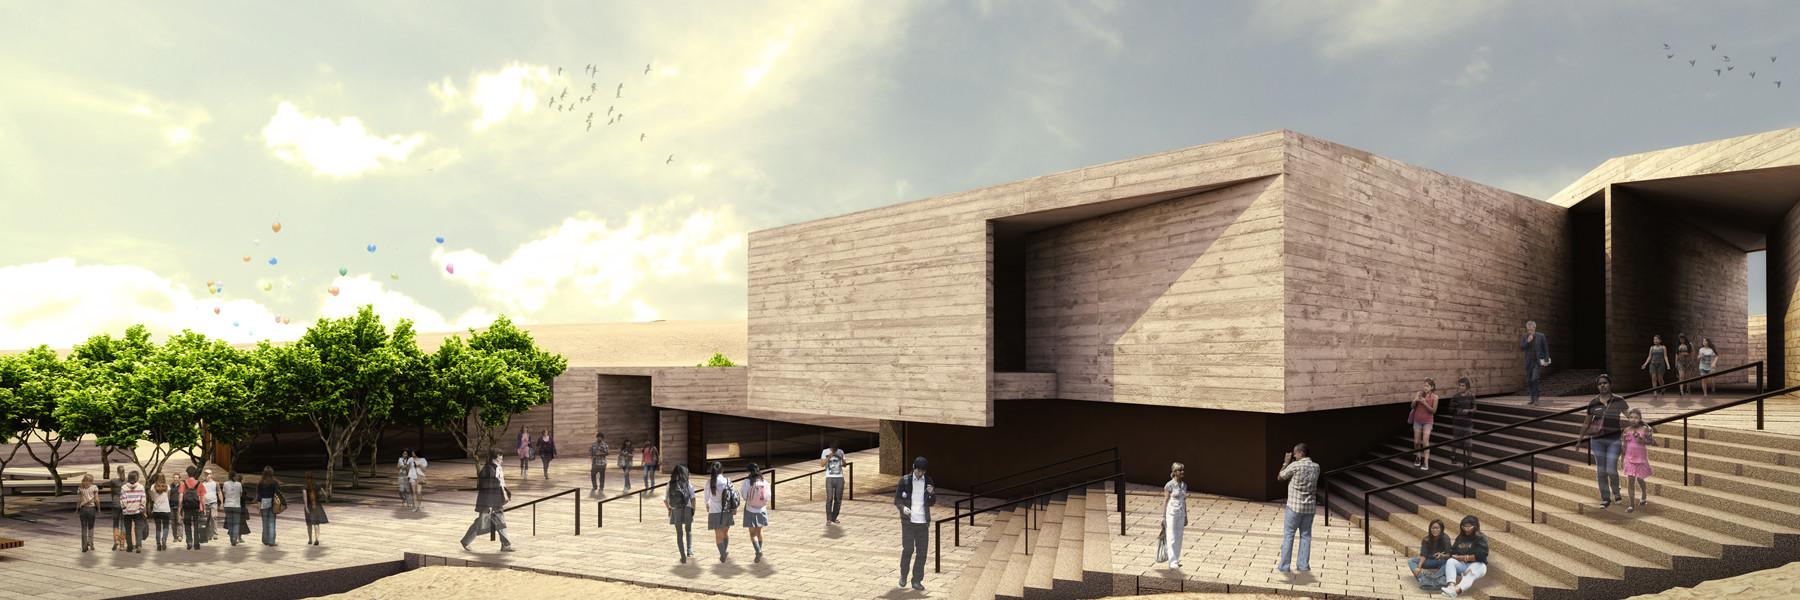 Imagen Escaleras / Museo de Pachacamac . Image Courtesy of Llosa Cortegana Arquitectos